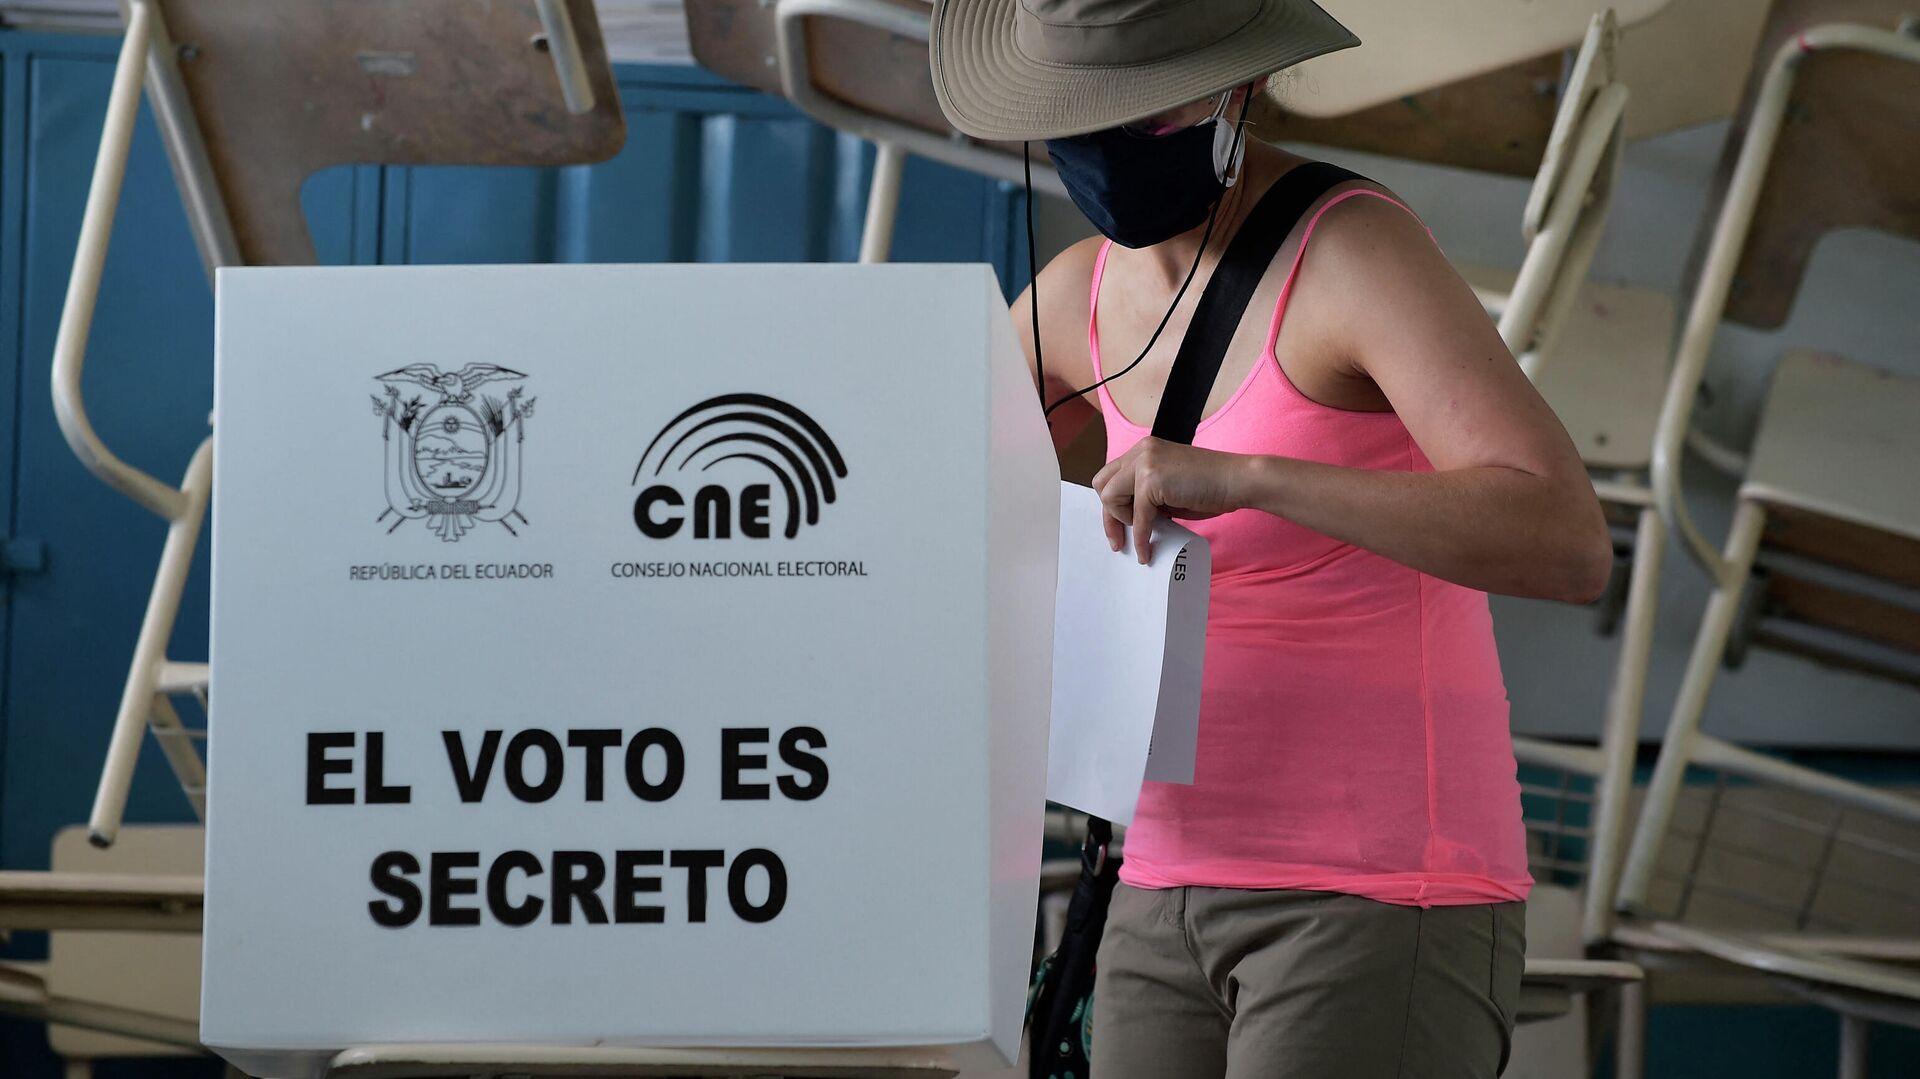 Elecciones presidenciales en Ecuador - Sputnik Mundo, 1920, 14.04.2021